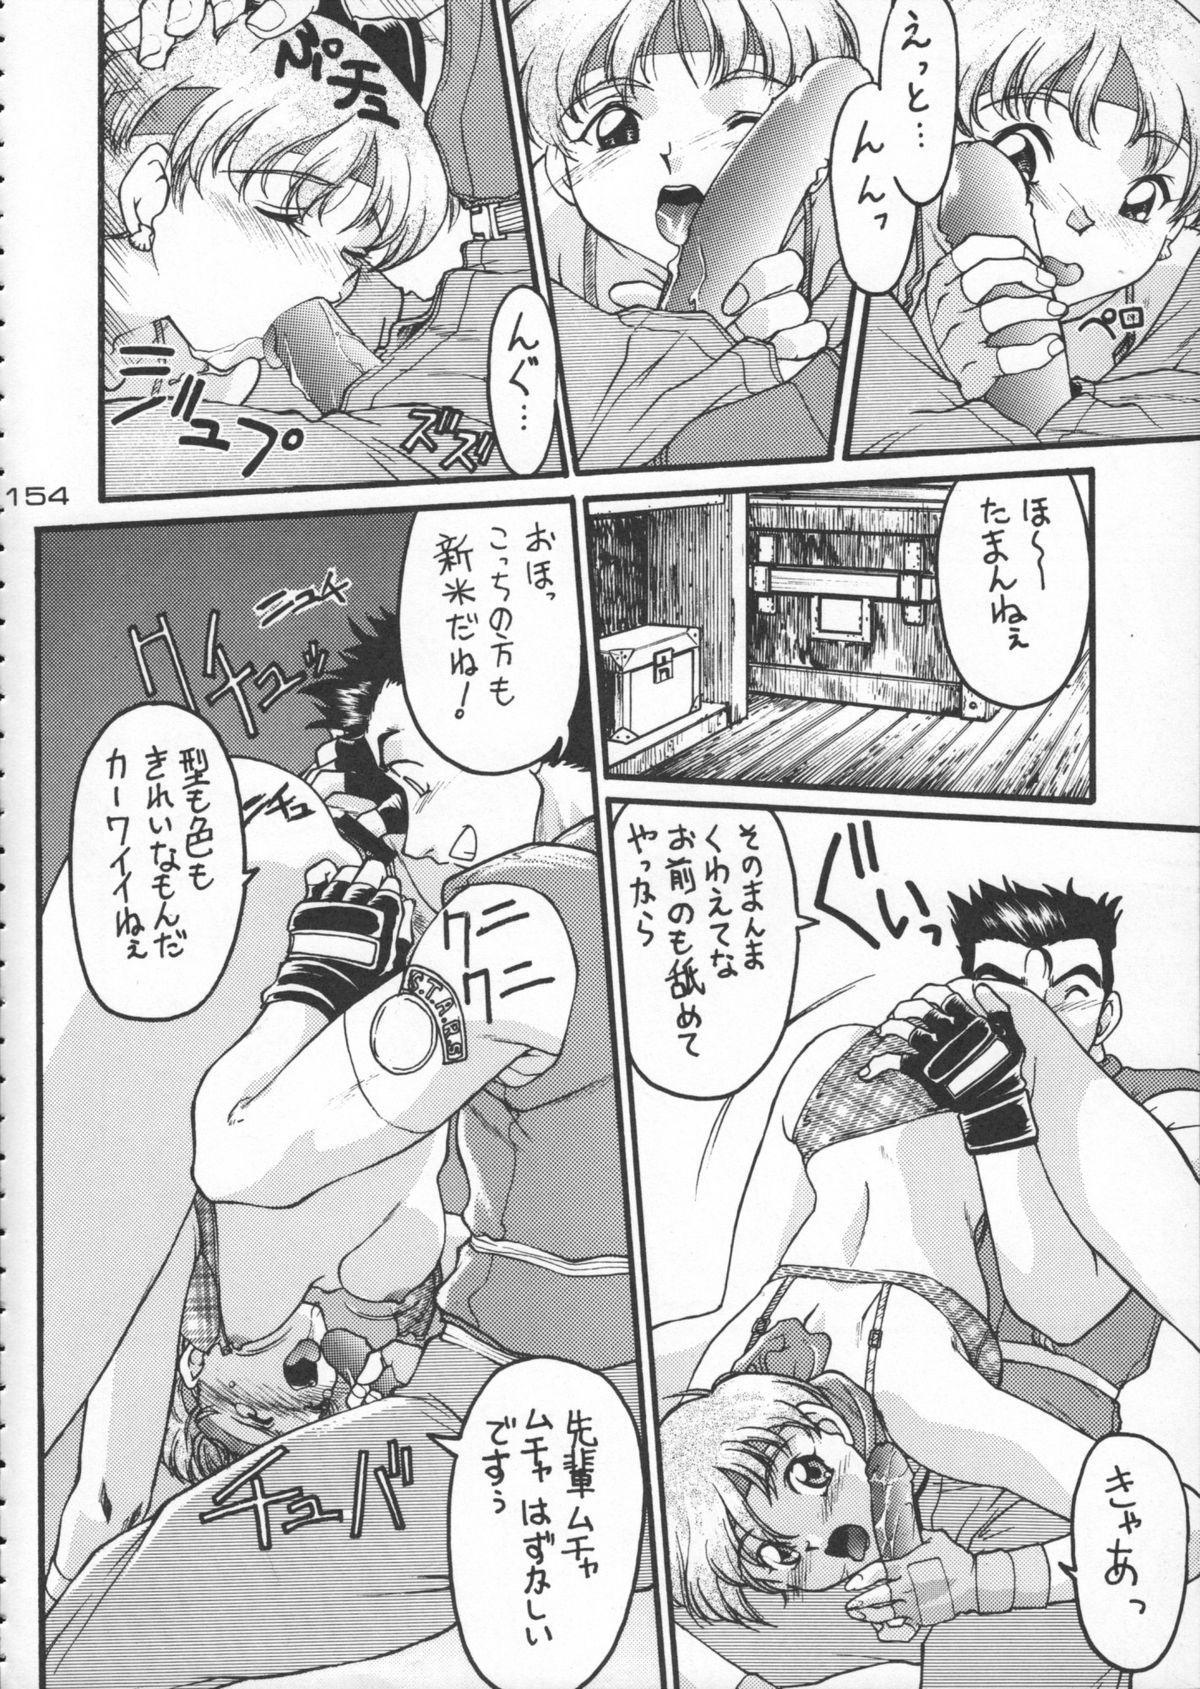 Godzilla vs Curry Aji 154